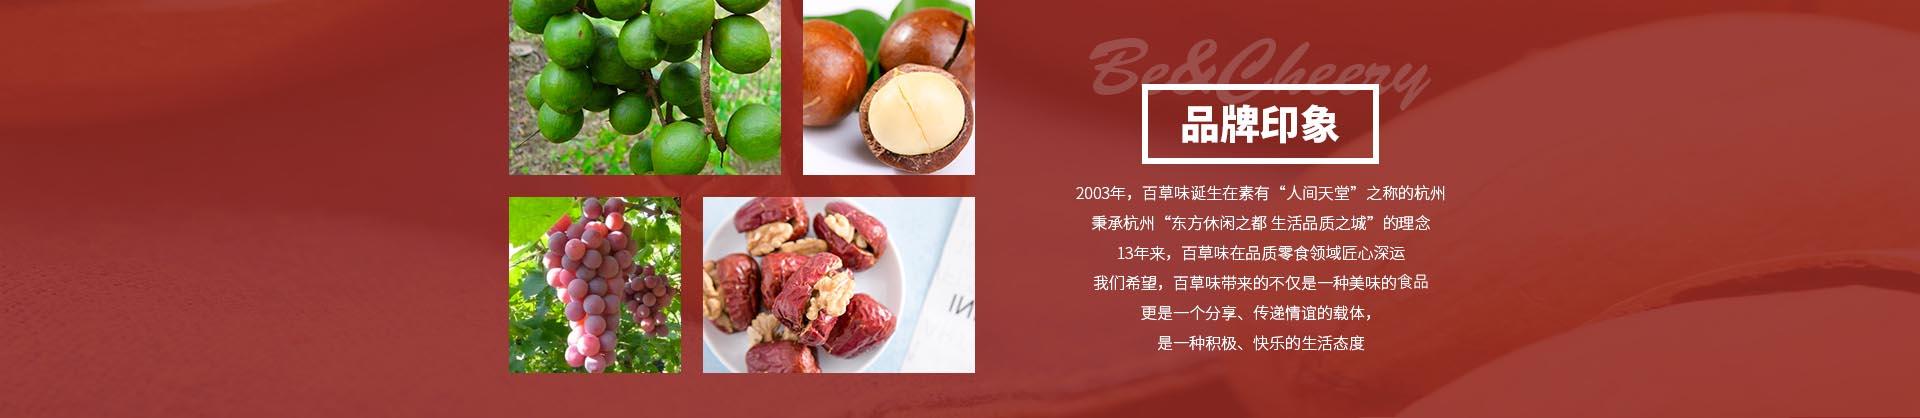 """秉承杭州""""东方休闲之都 生活品质之城""""的理念 13年来,百草味在品质零食领域匠心深运 我们希望,百草味带来的不仅是一种美味的视频 更是一个分享、传递情谊的载体,是一种积极、快乐的生活态度"""